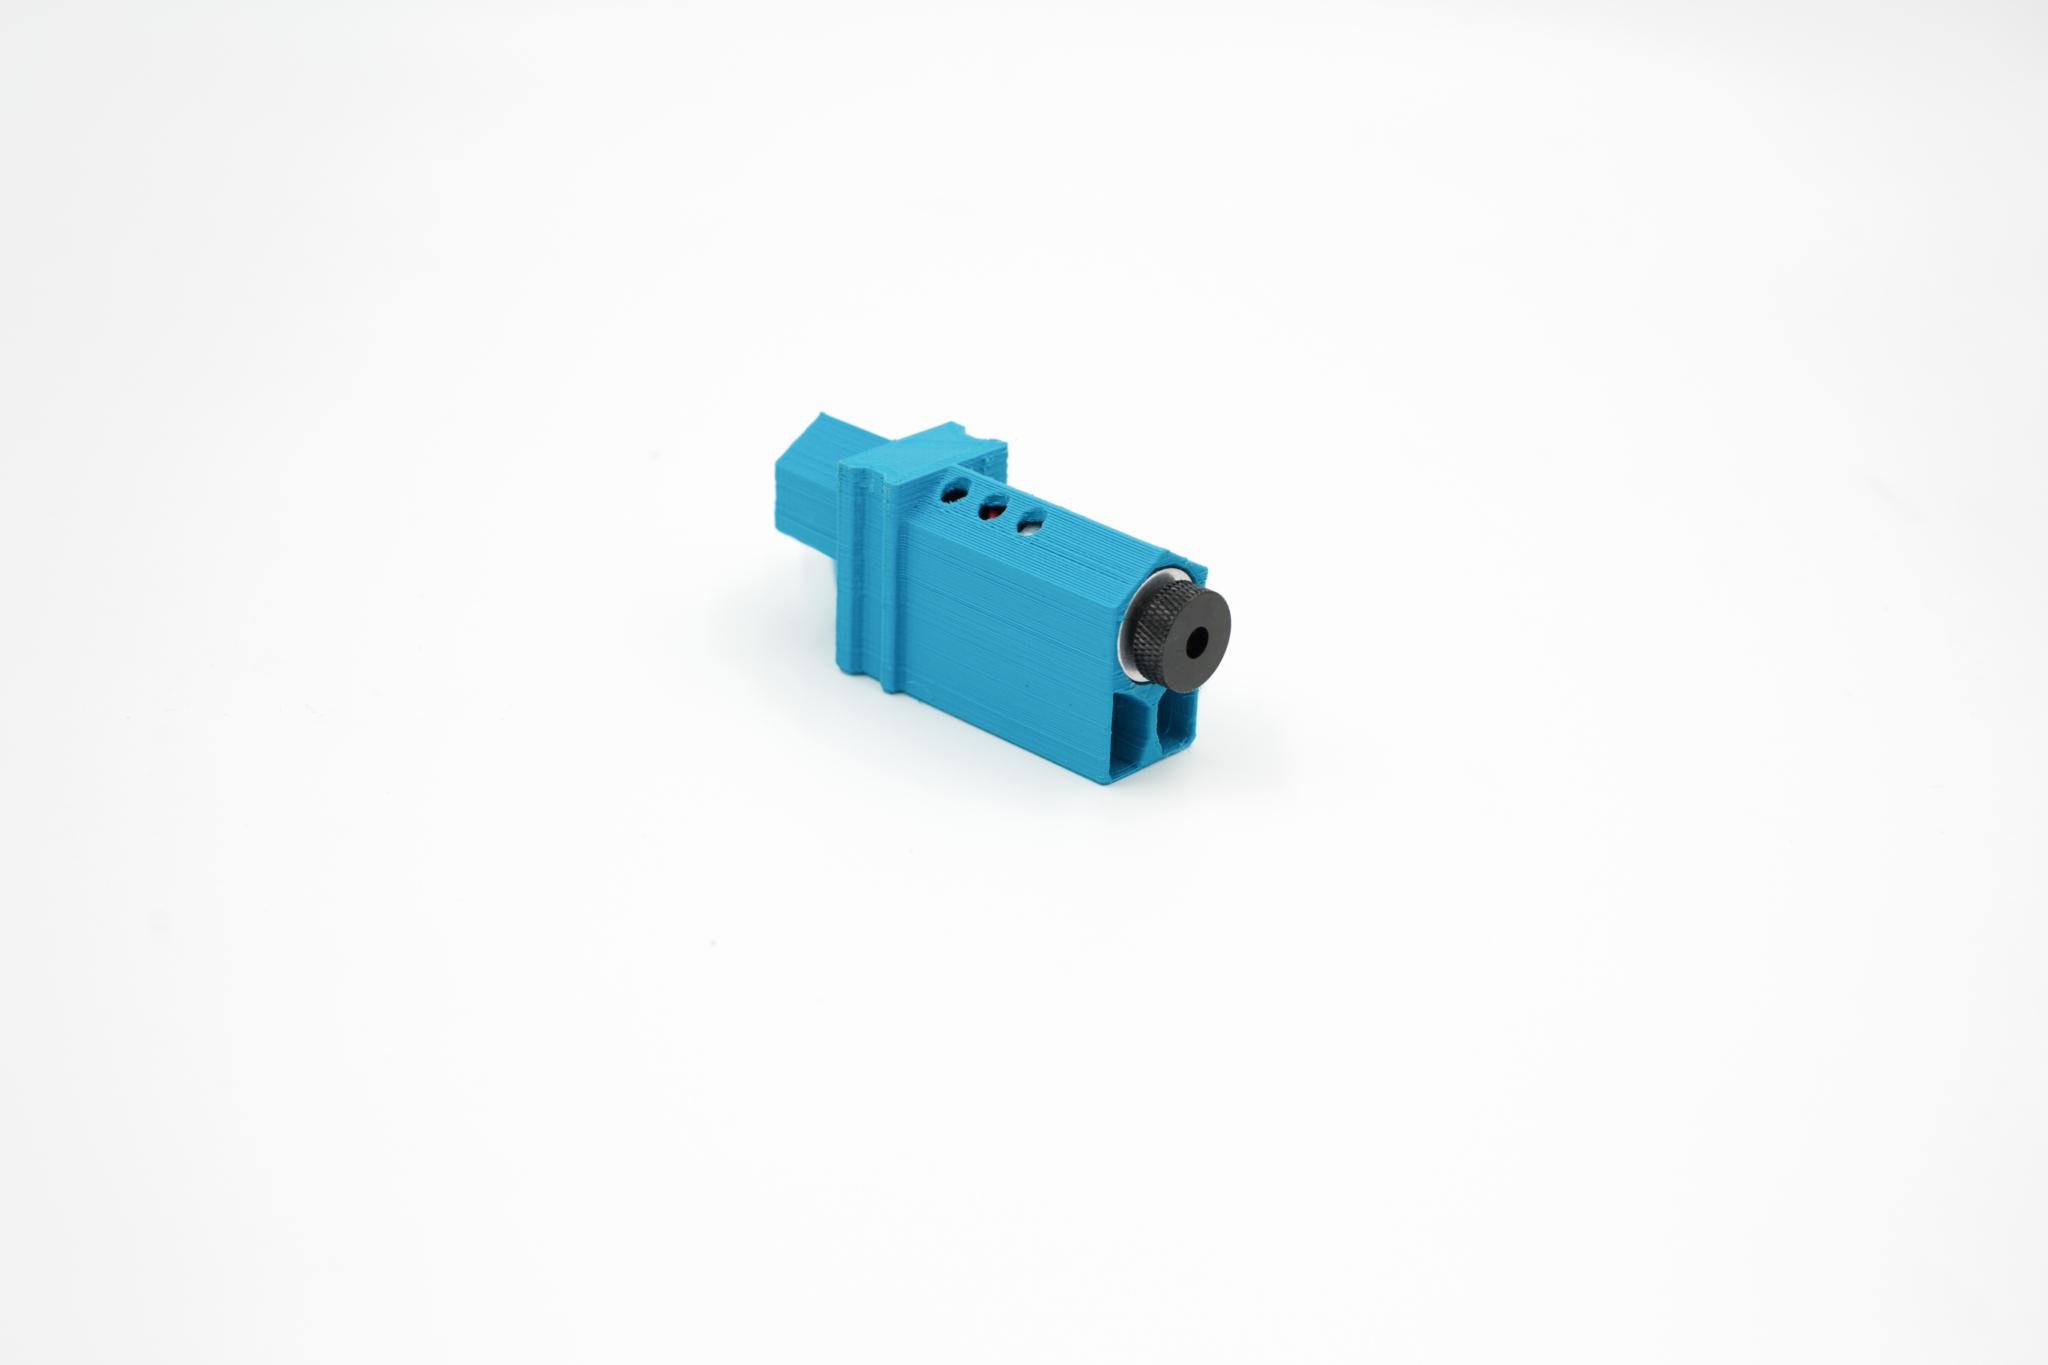 Outil graveur laser imprimante 3D multifonctions EVY